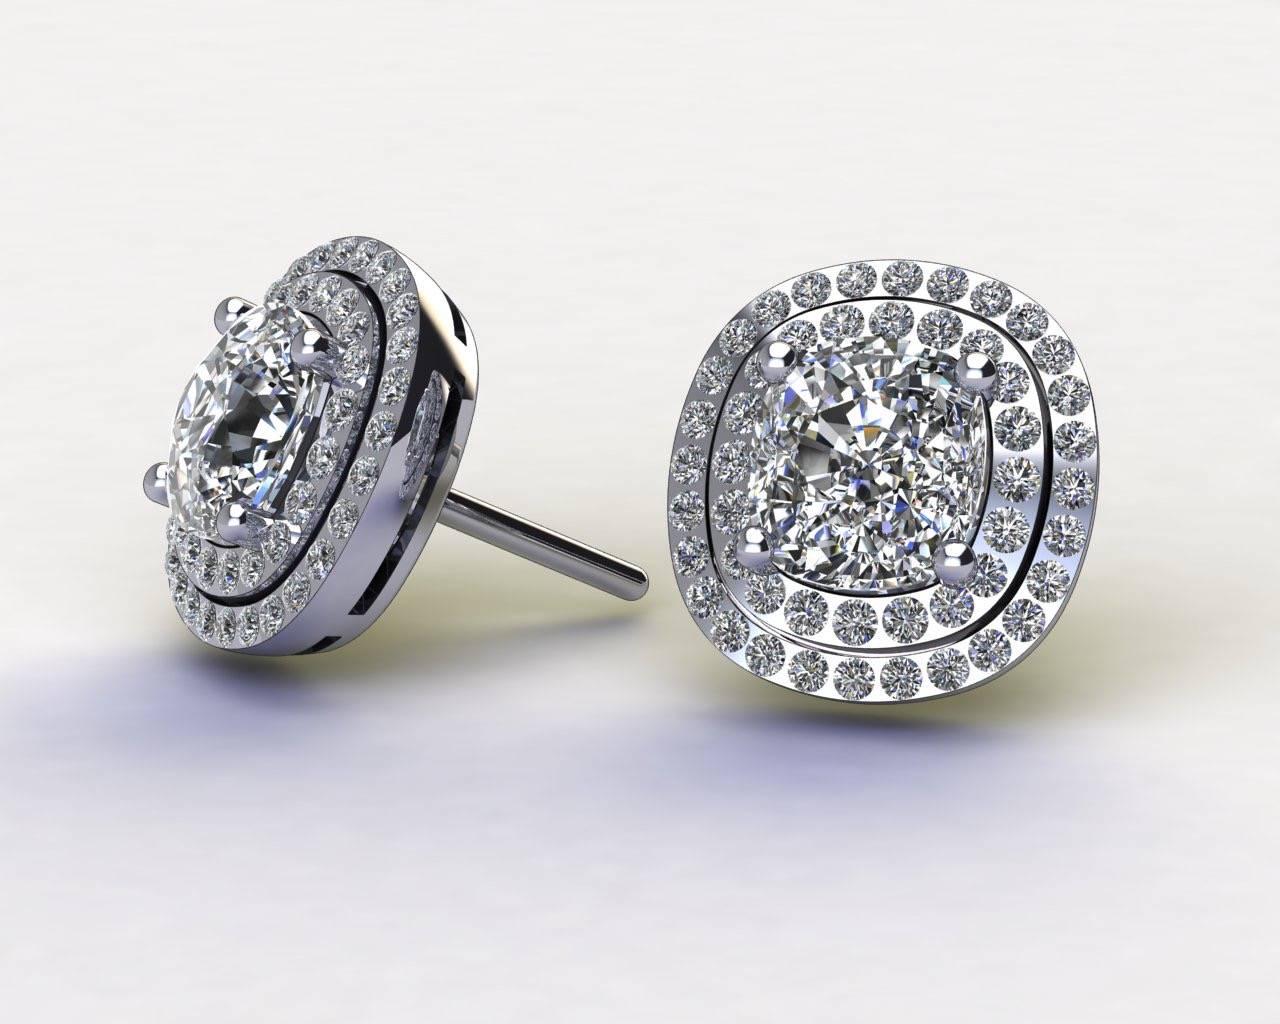 Aayraa jewels - Juwelen - House of Weddings - 20